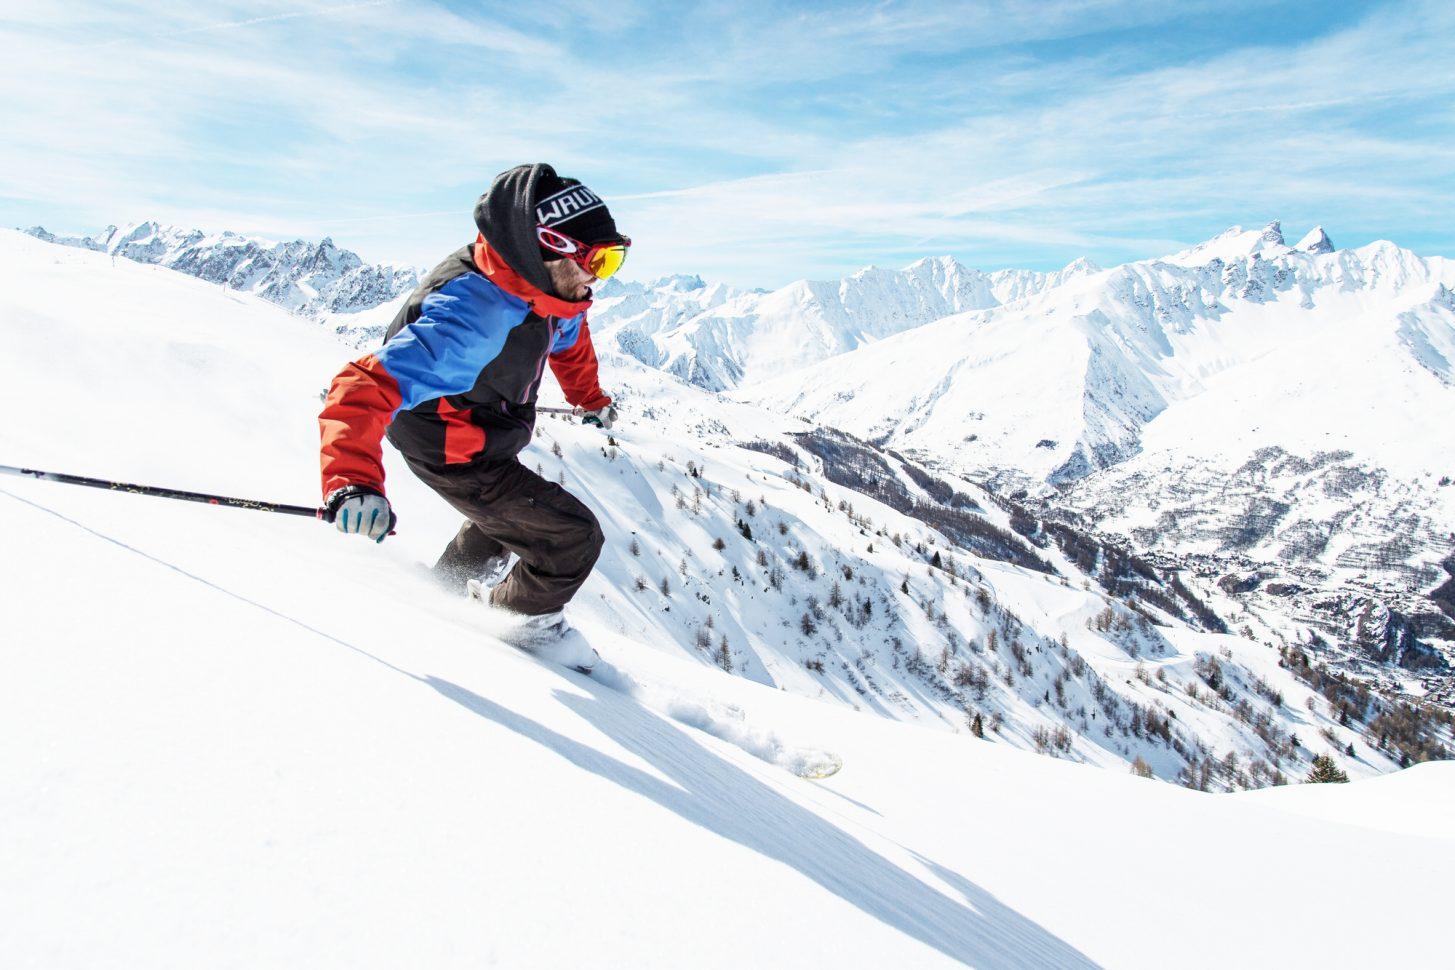 Dévalez les pistes du domaine skiable Galibier-Thabor !